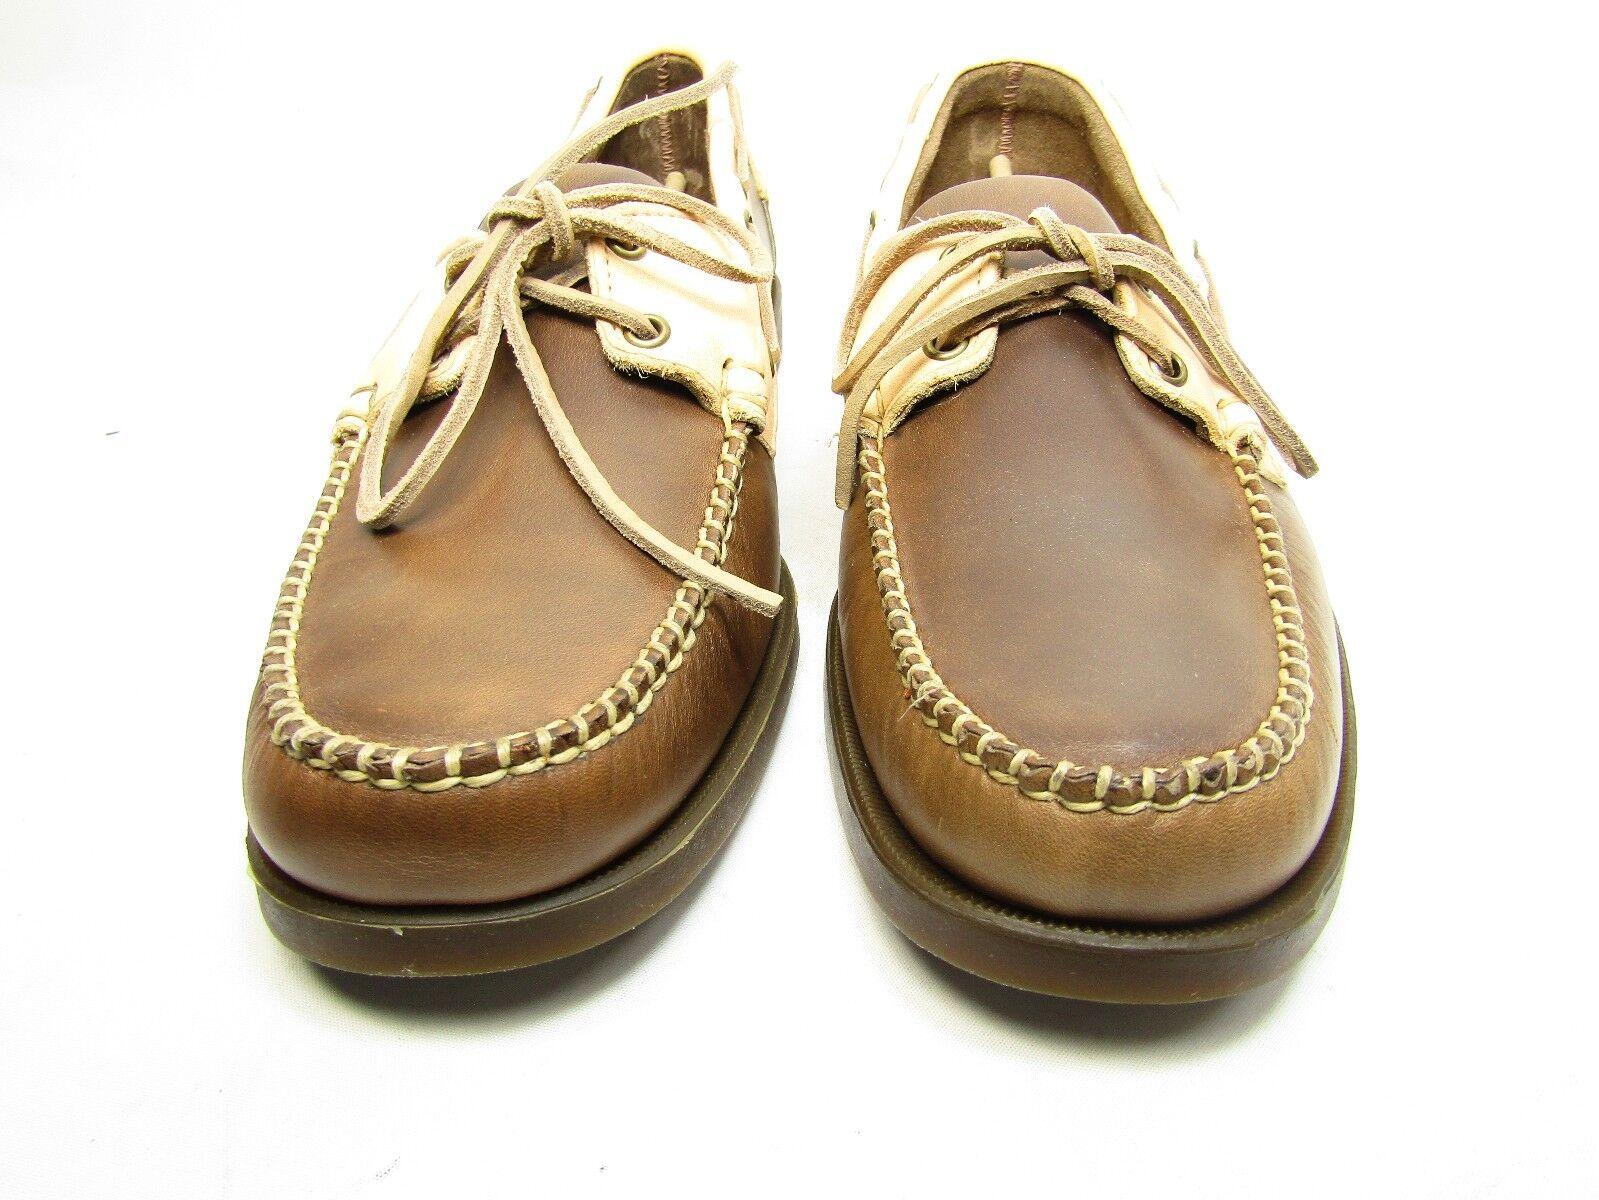 Sebago Horween Spinnaker Boat shoes B720034 For Men Brown bone Size 12M